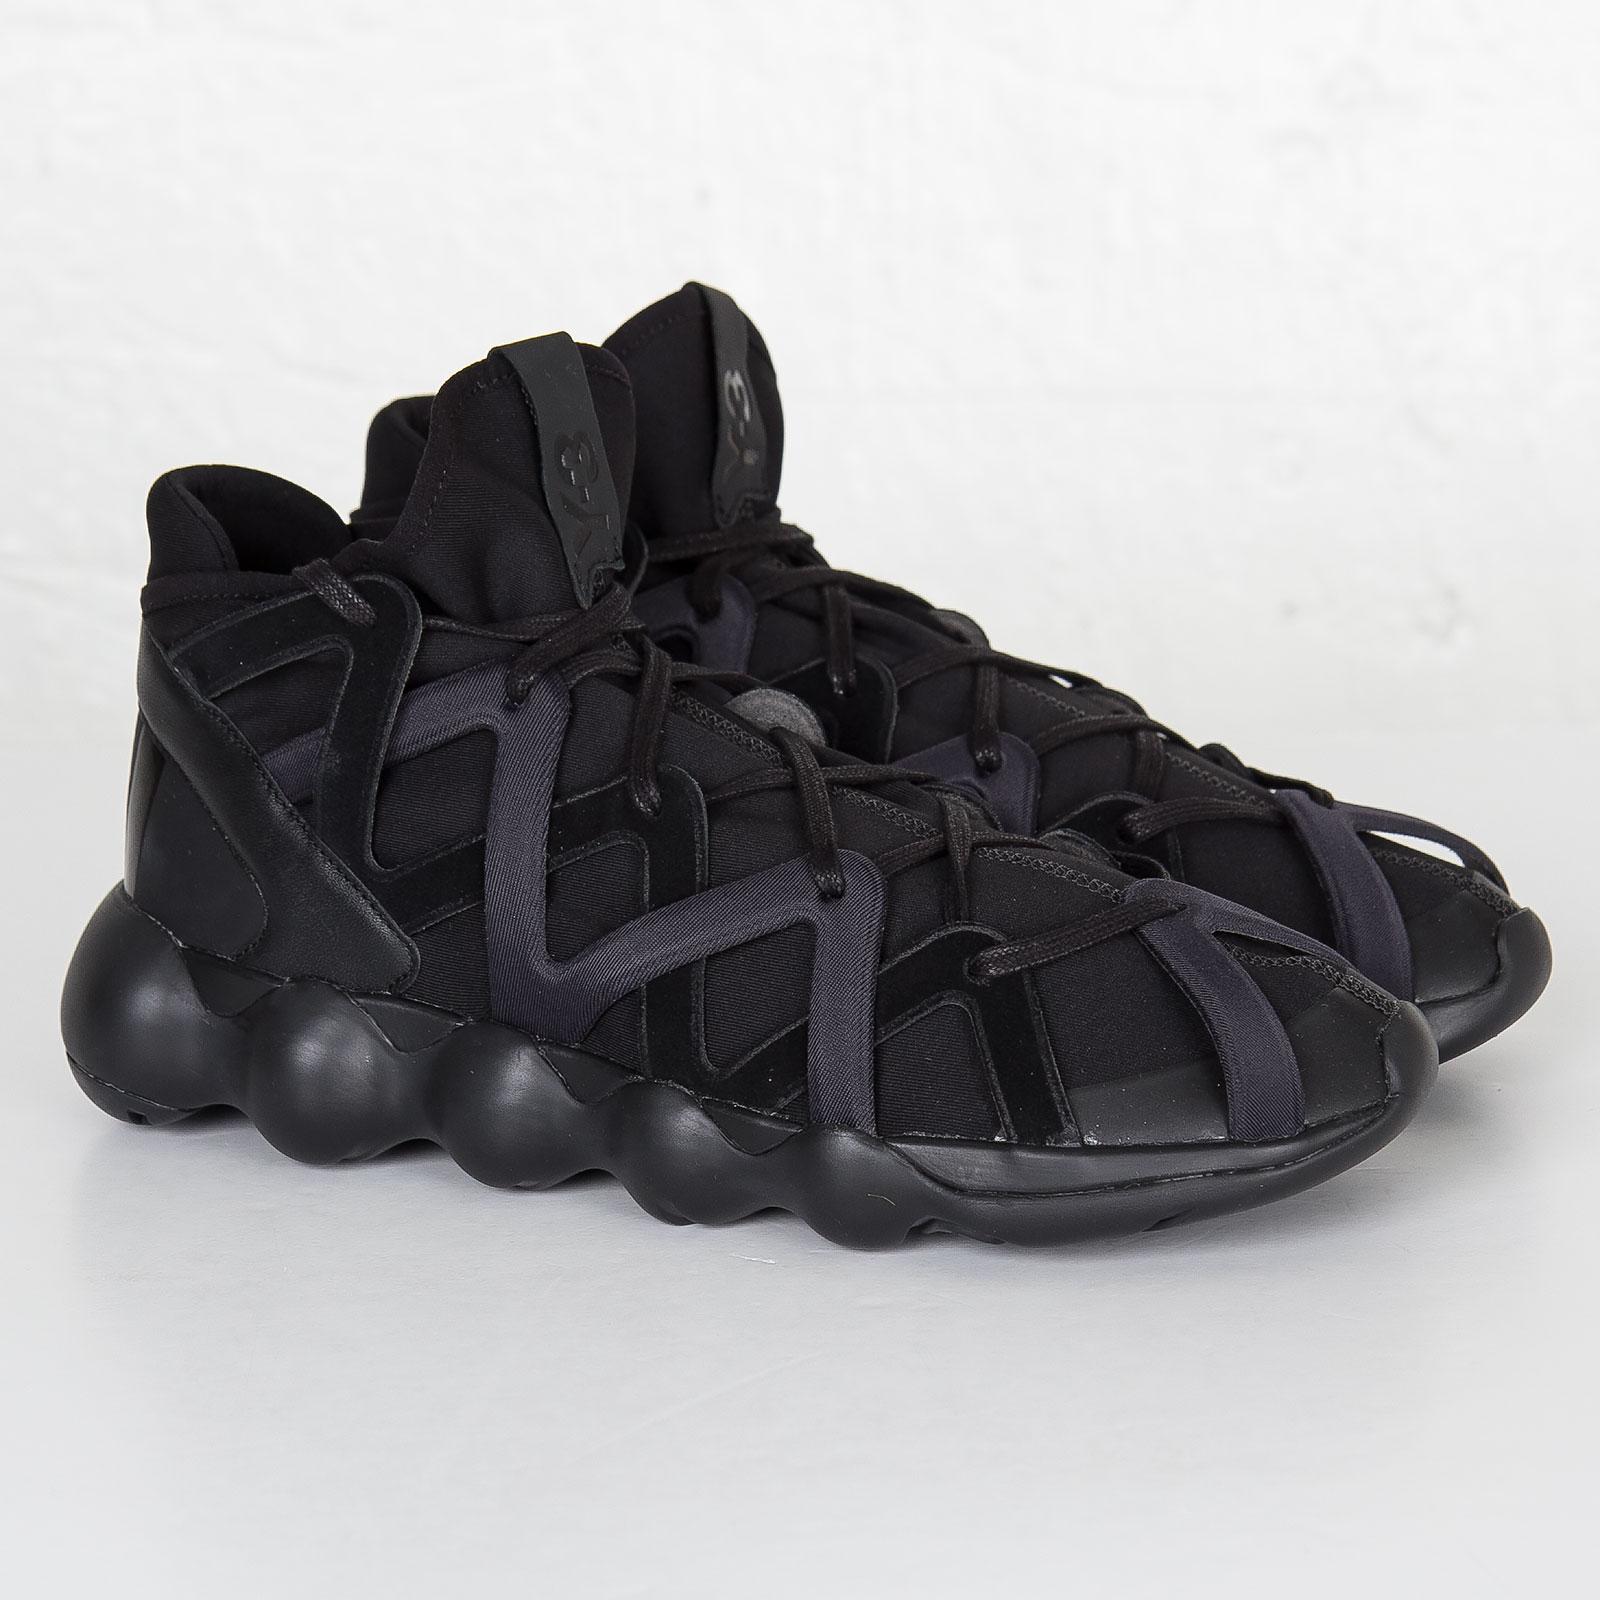 116e135e4 adidas Y-3 Kyujo High - Aq5545 - Sneakersnstuff